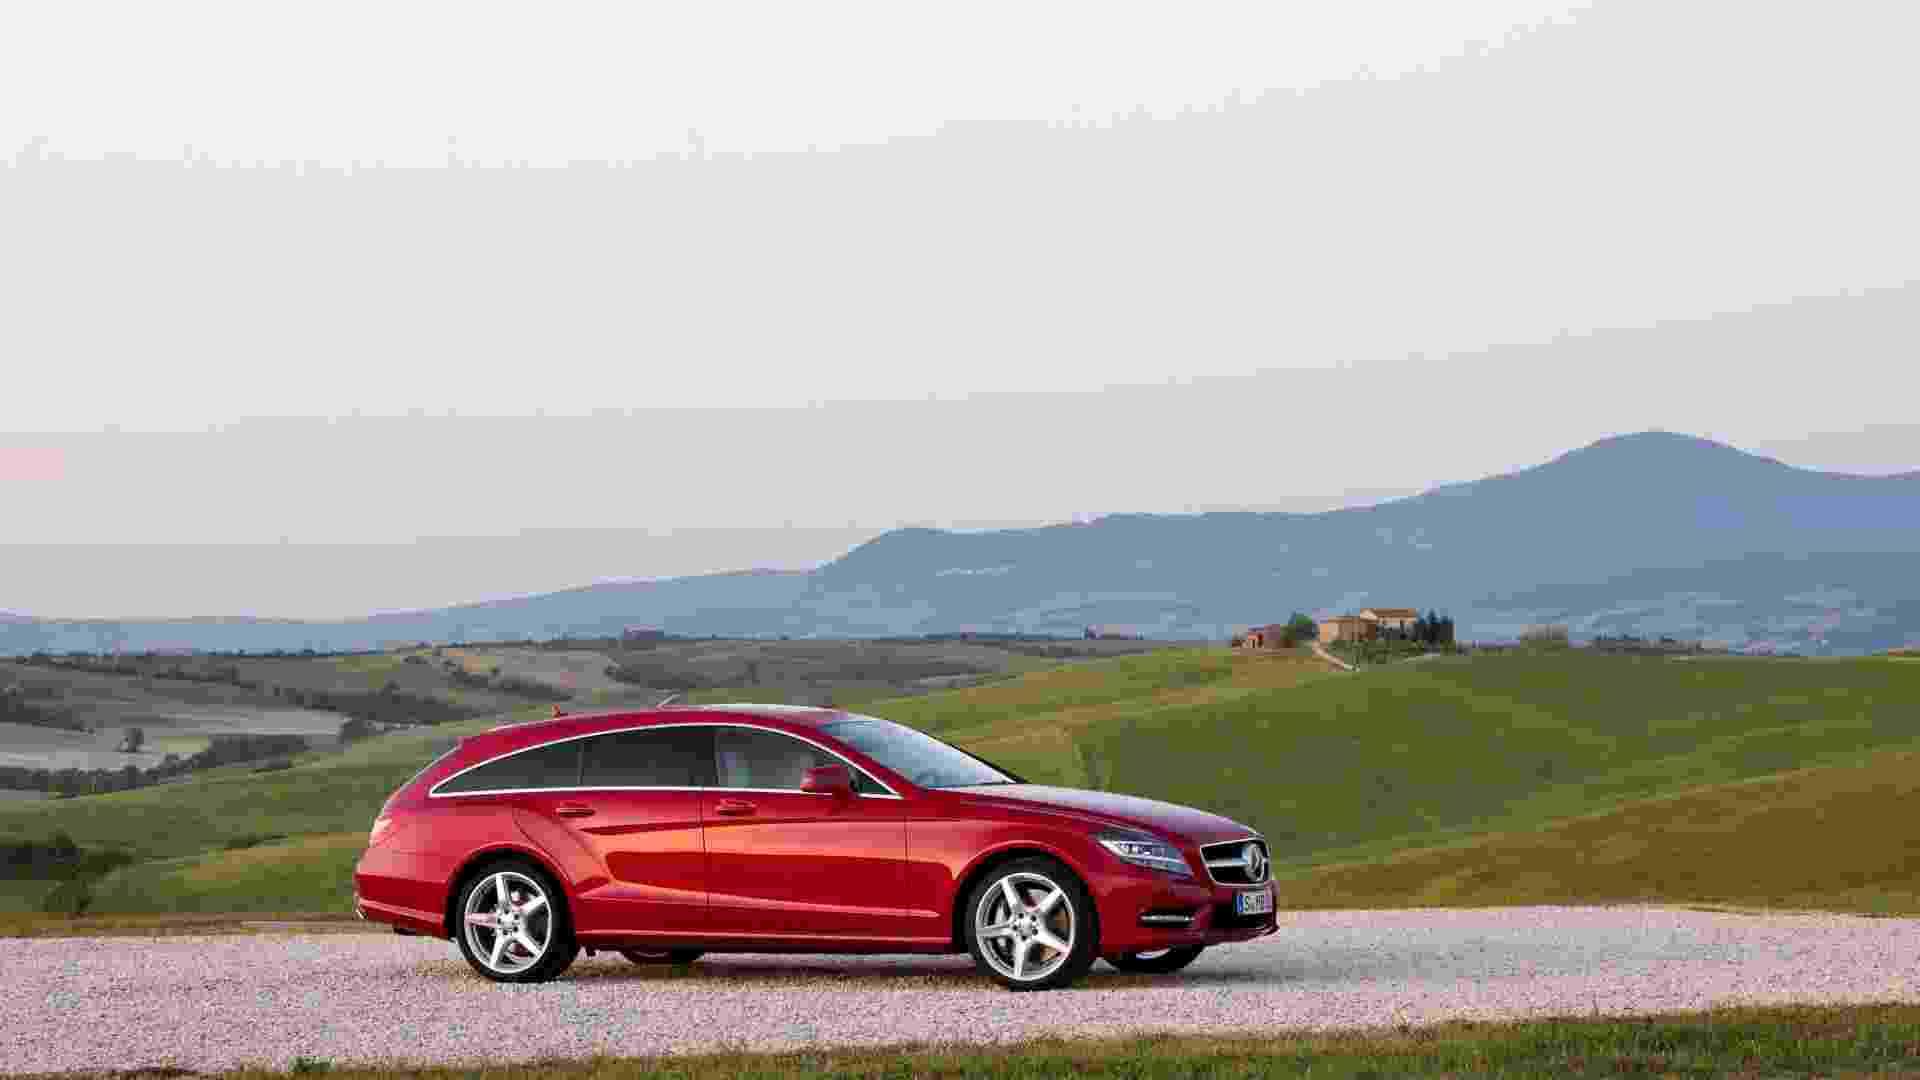 Mercedes-Benz apresenta a perua CLS Shooting Brake, derivada do cupê de quatro portas, no Salão de Paris - Divulgação